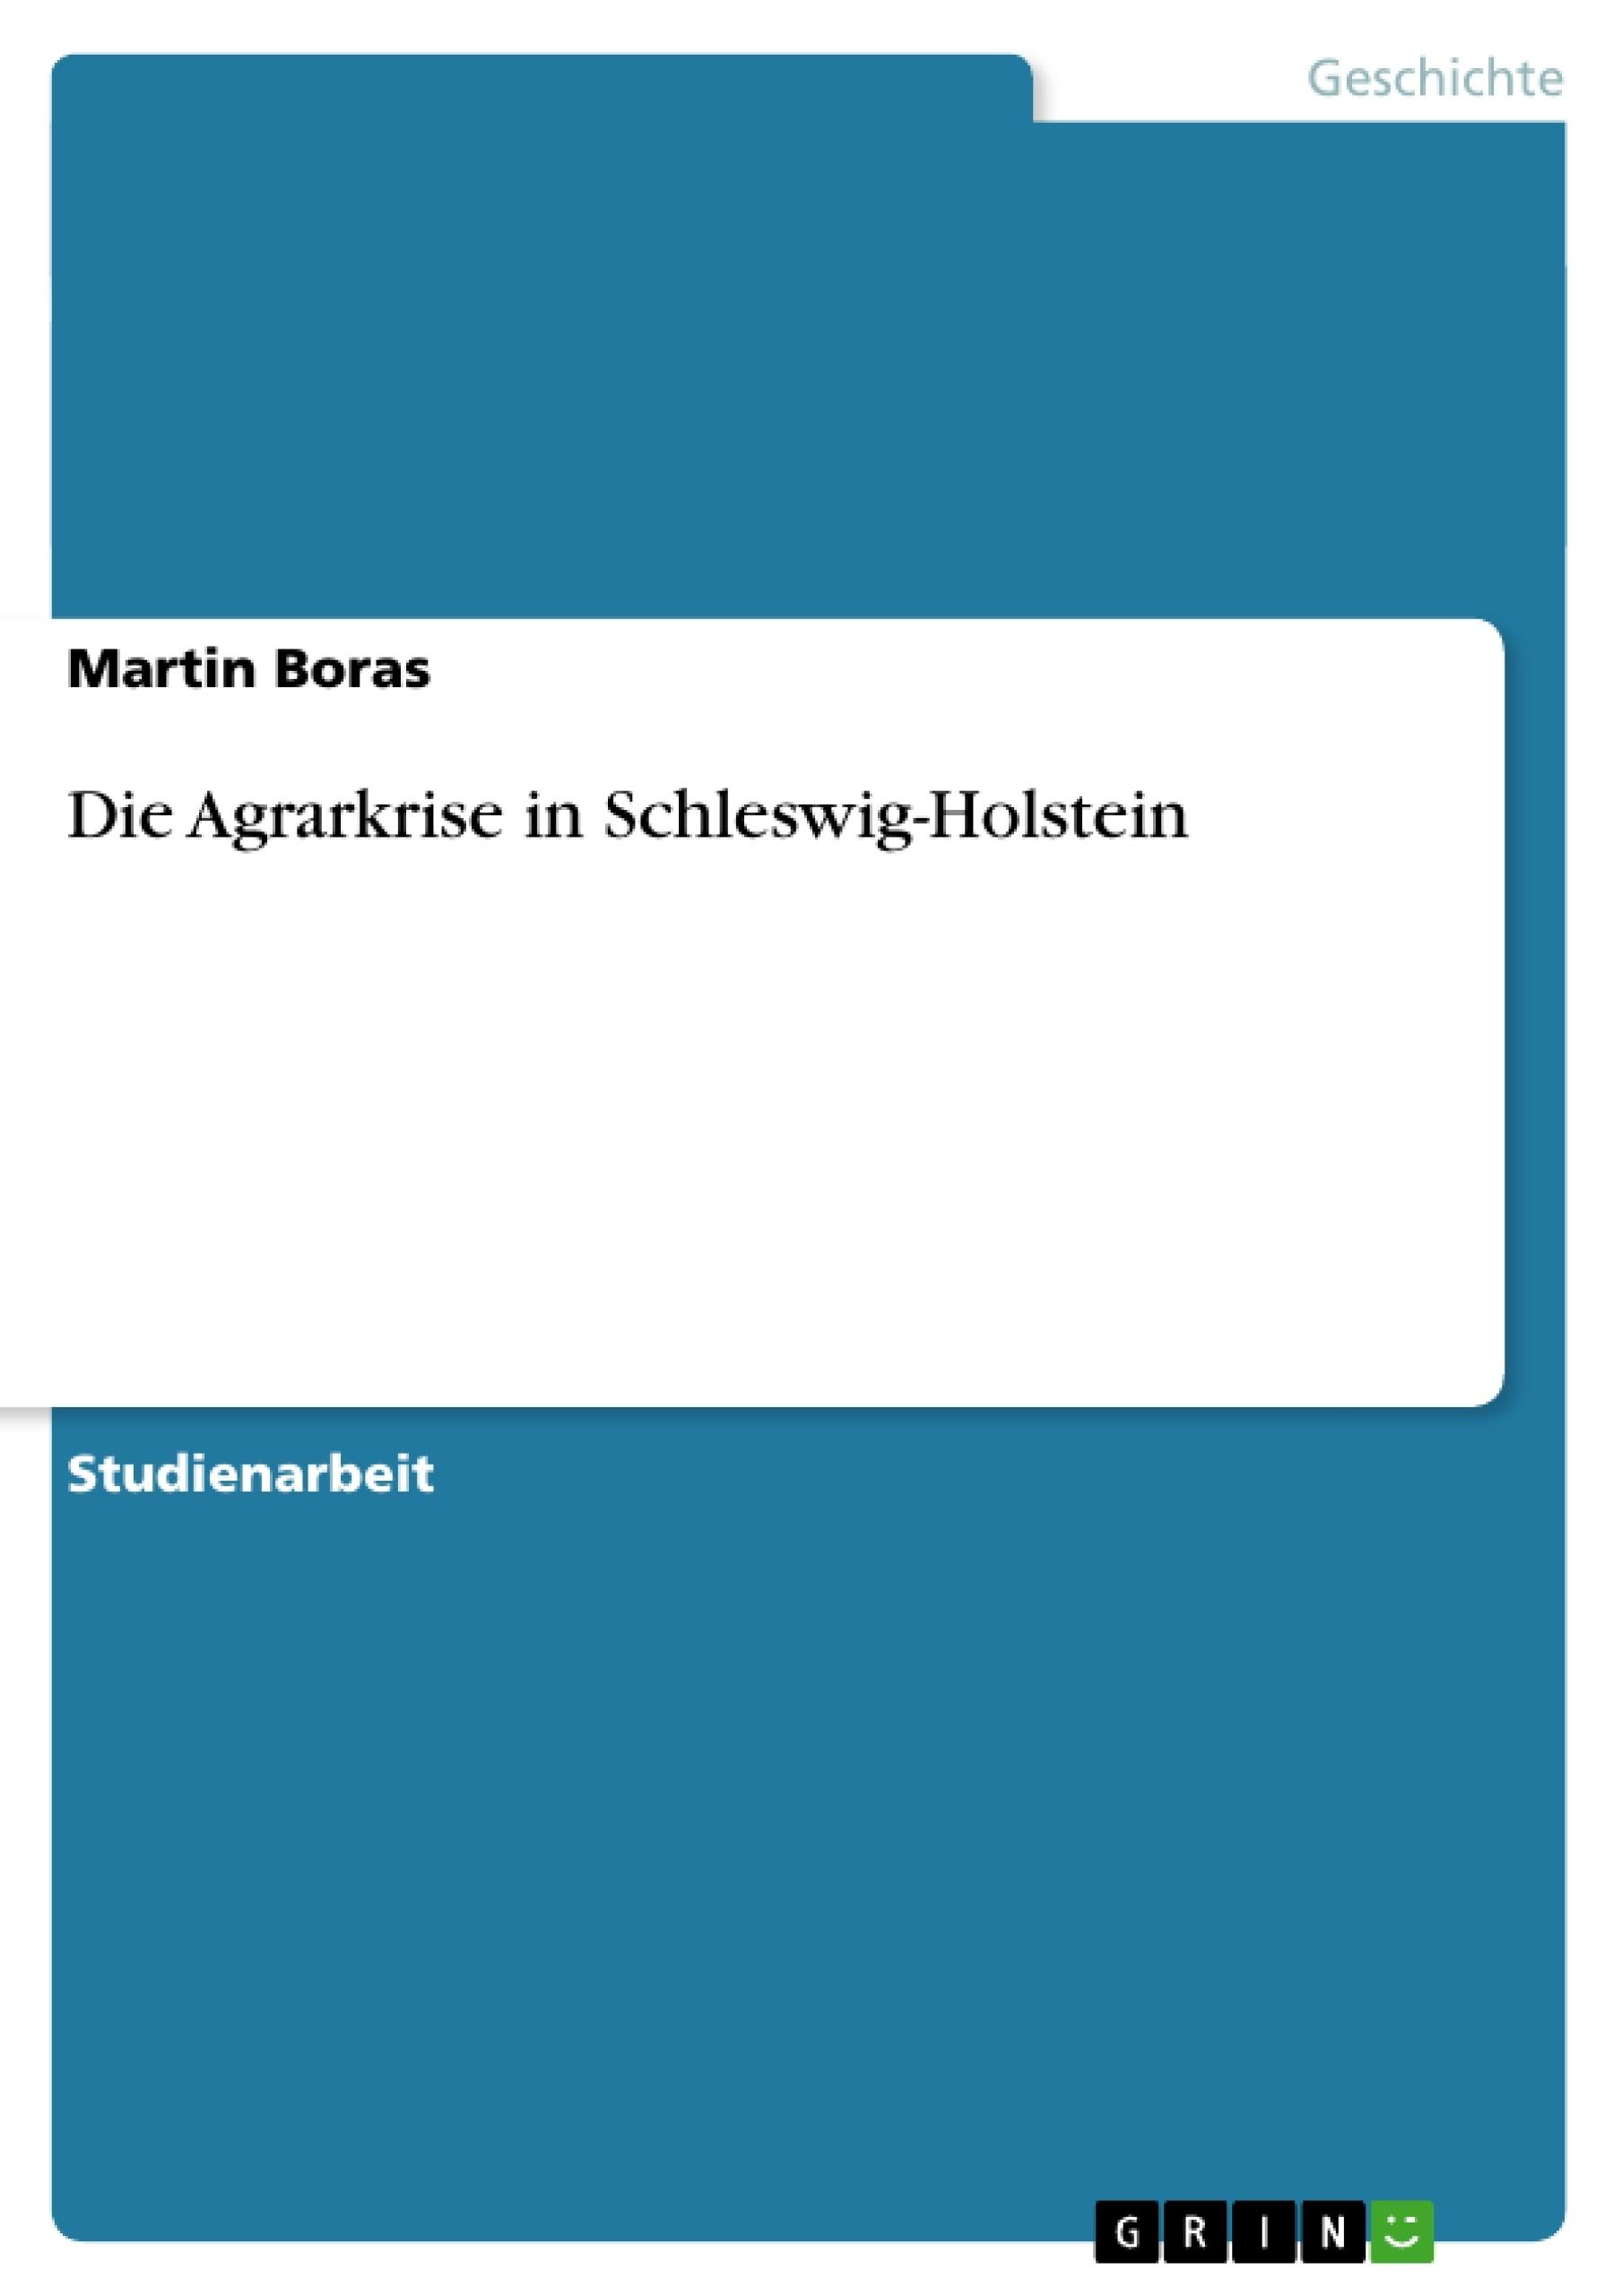 Titel: Die Agrarkrise in Schleswig-Holstein